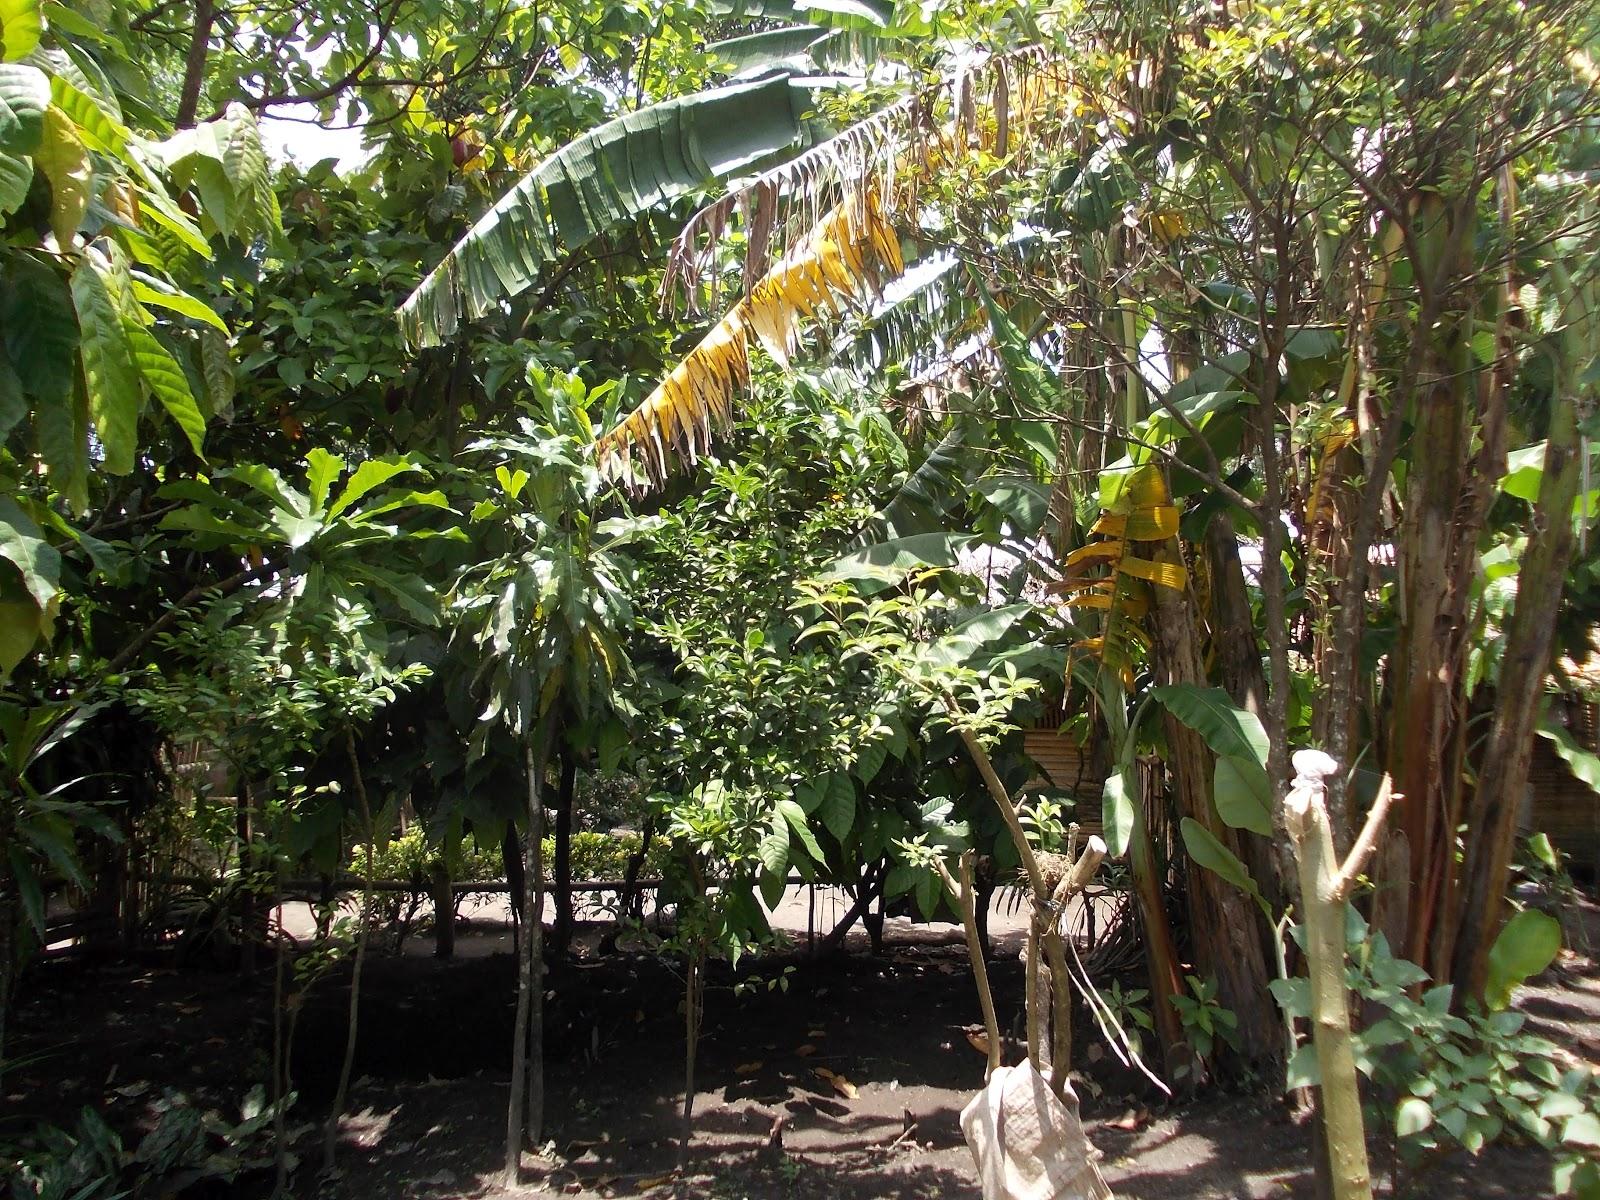 ang niyog nga Makatuklas ng mga bagong sabstans o elemento at lalo pang makilala ang kalikasan ng mga  ang niyog na tinatawag na tree  hindi na nga kailangan ang overhead.